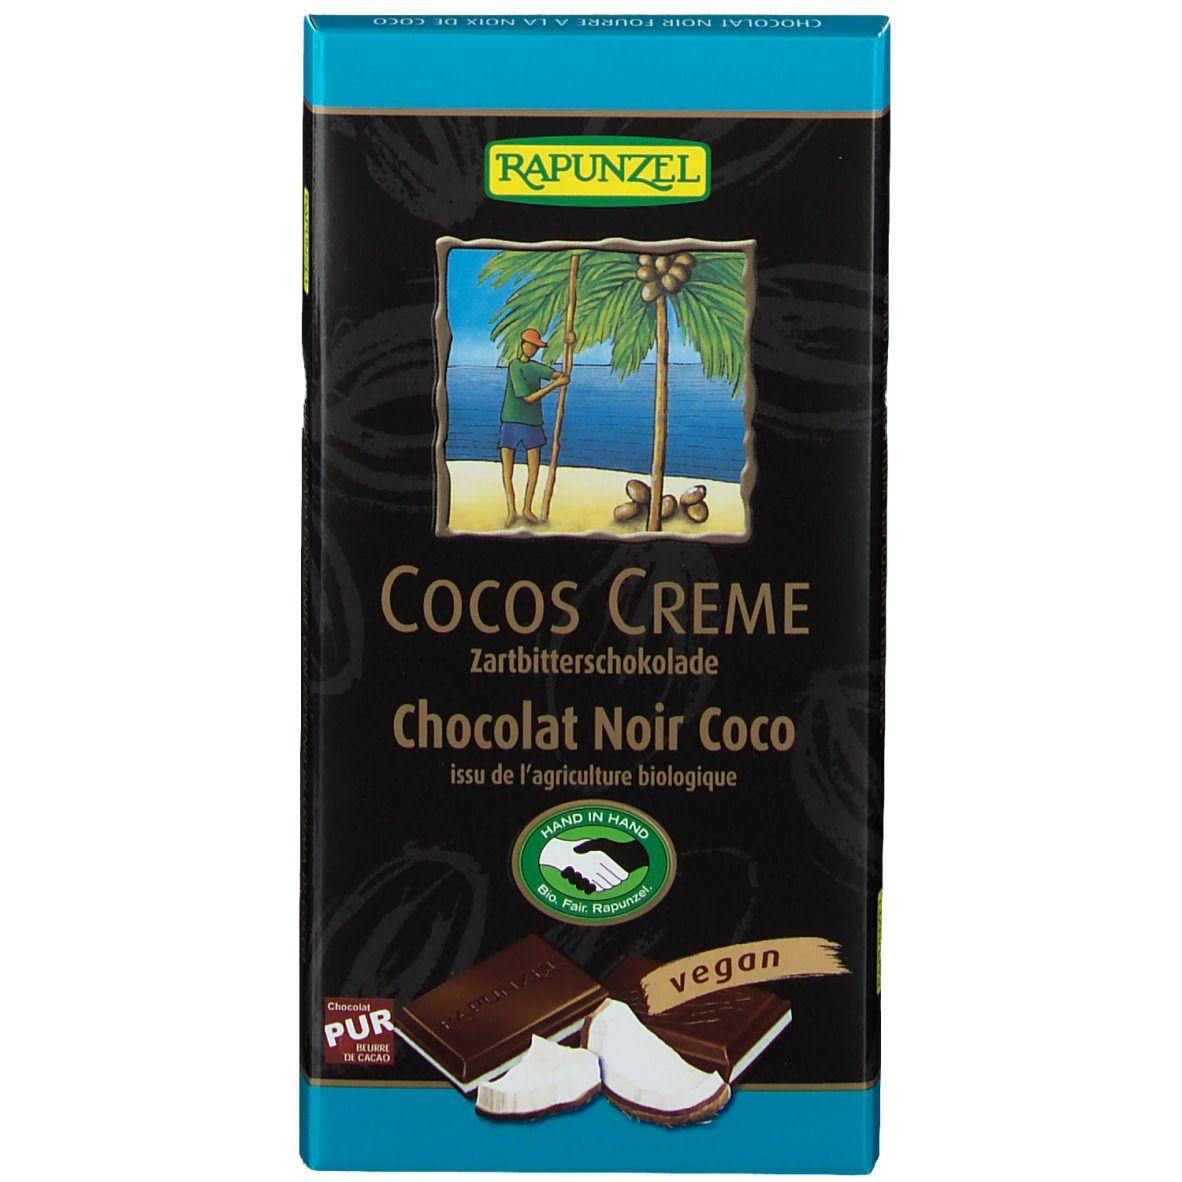 RAPUNZEL Chocolat Noir Coco g crème